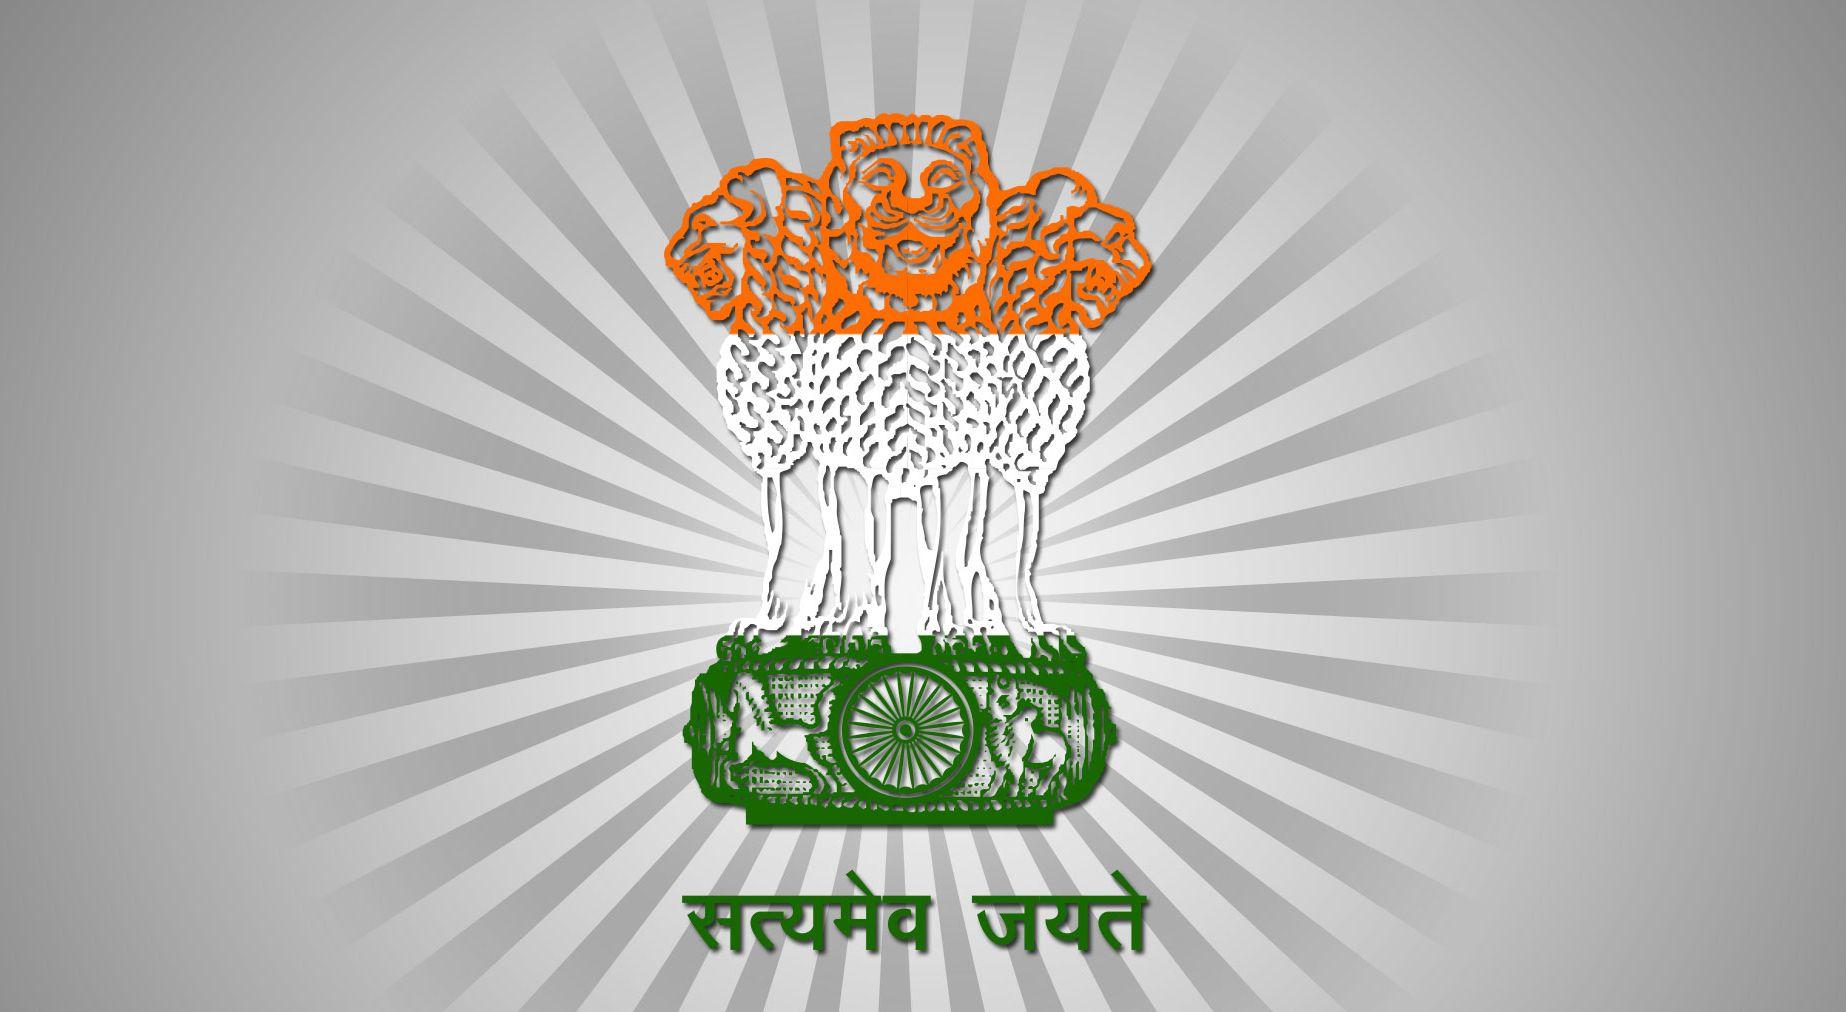 indian army logo wallpapers wwwpixsharkcom images